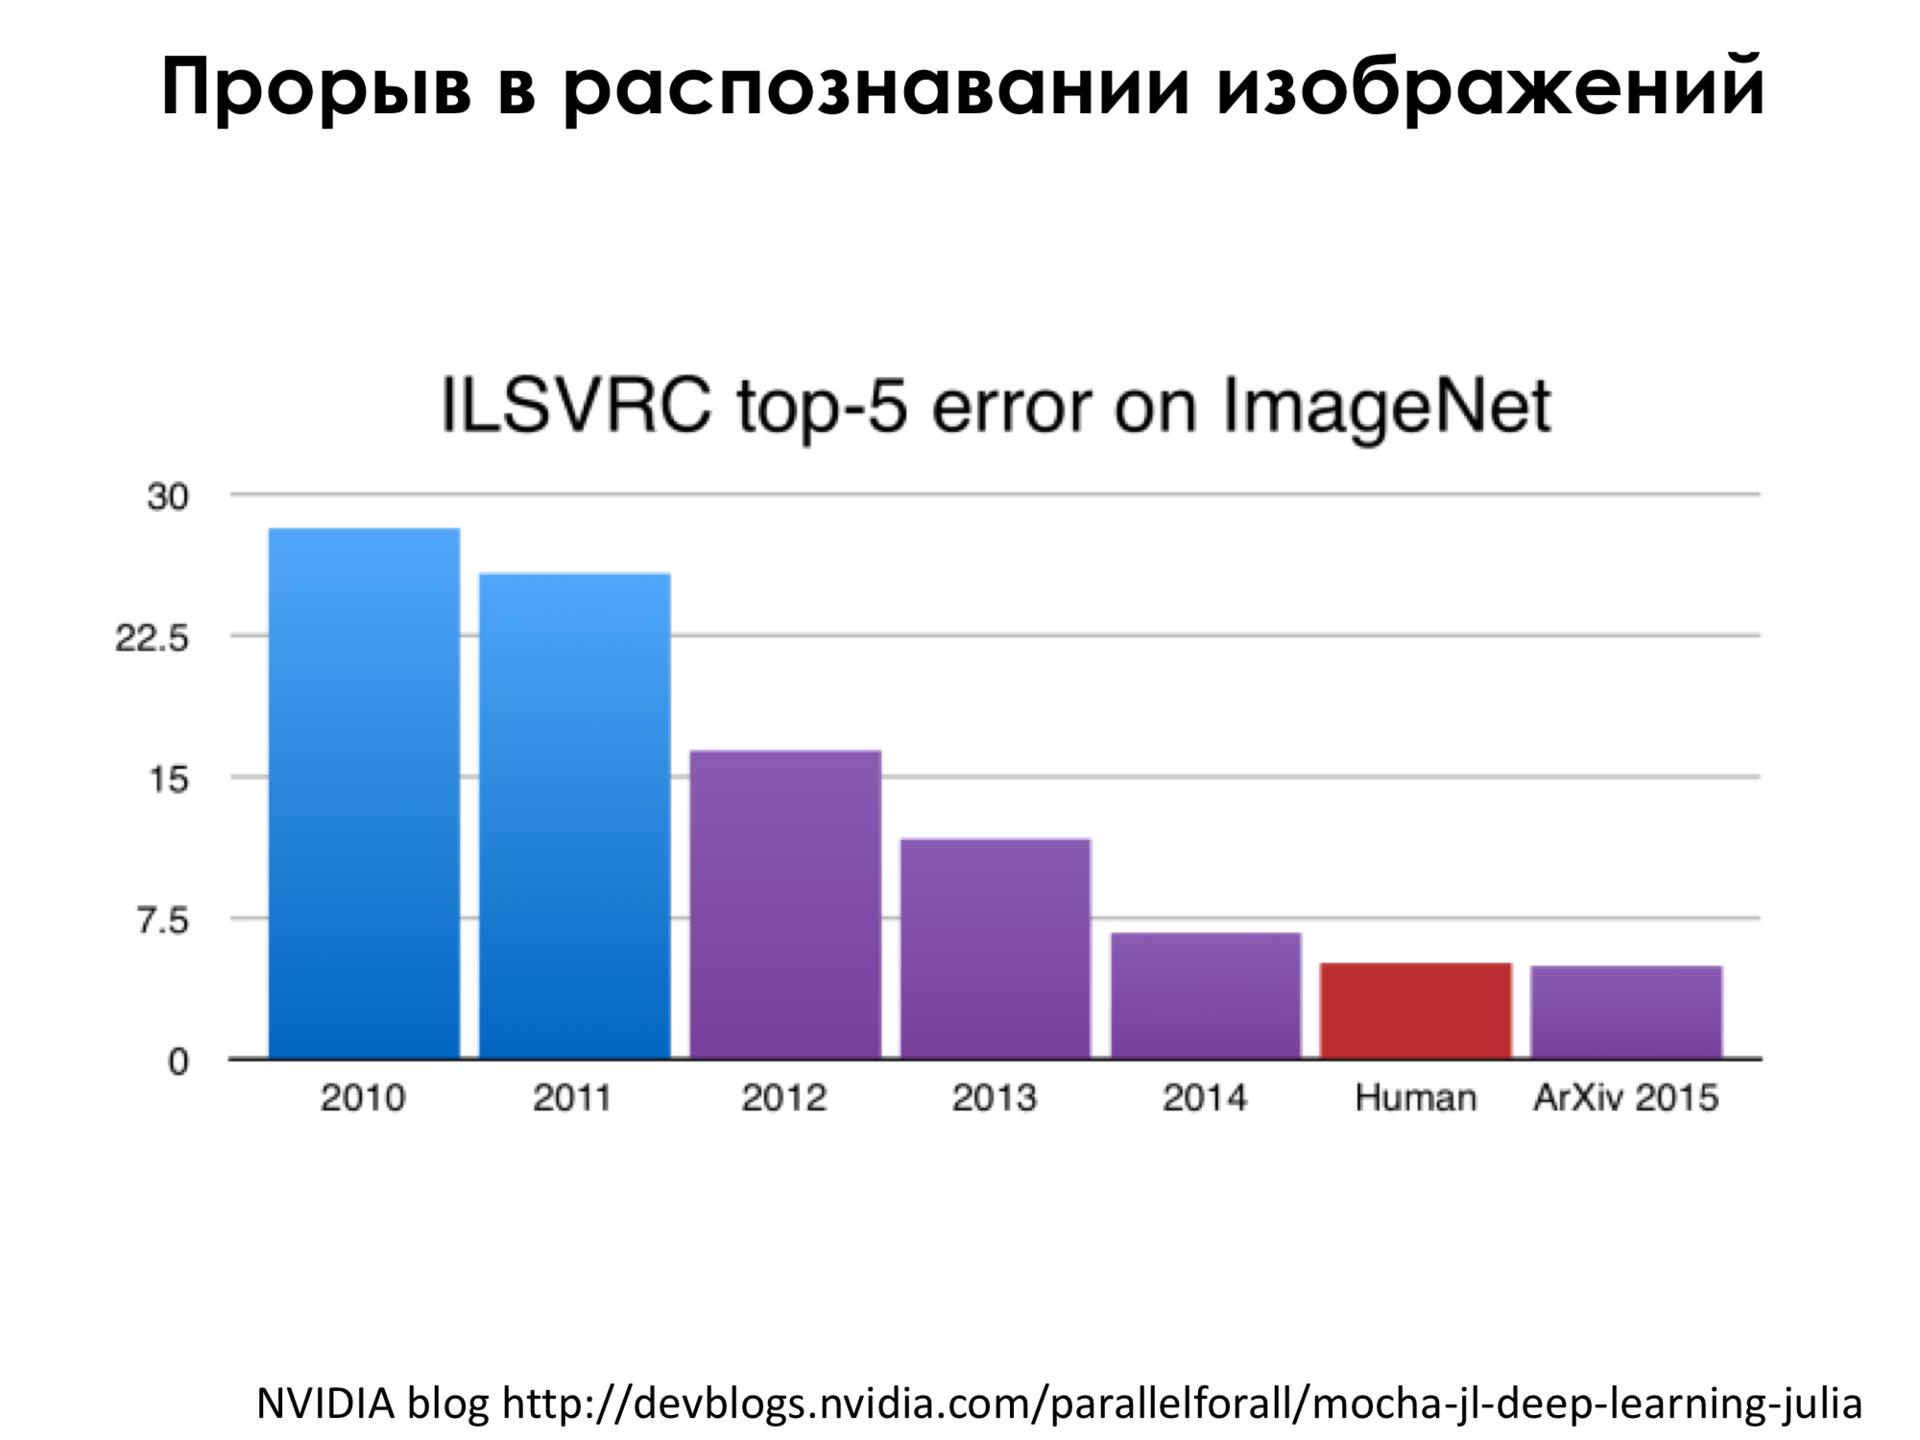 Самое главное о нейронных сетях. Лекция в Яндексе - 25